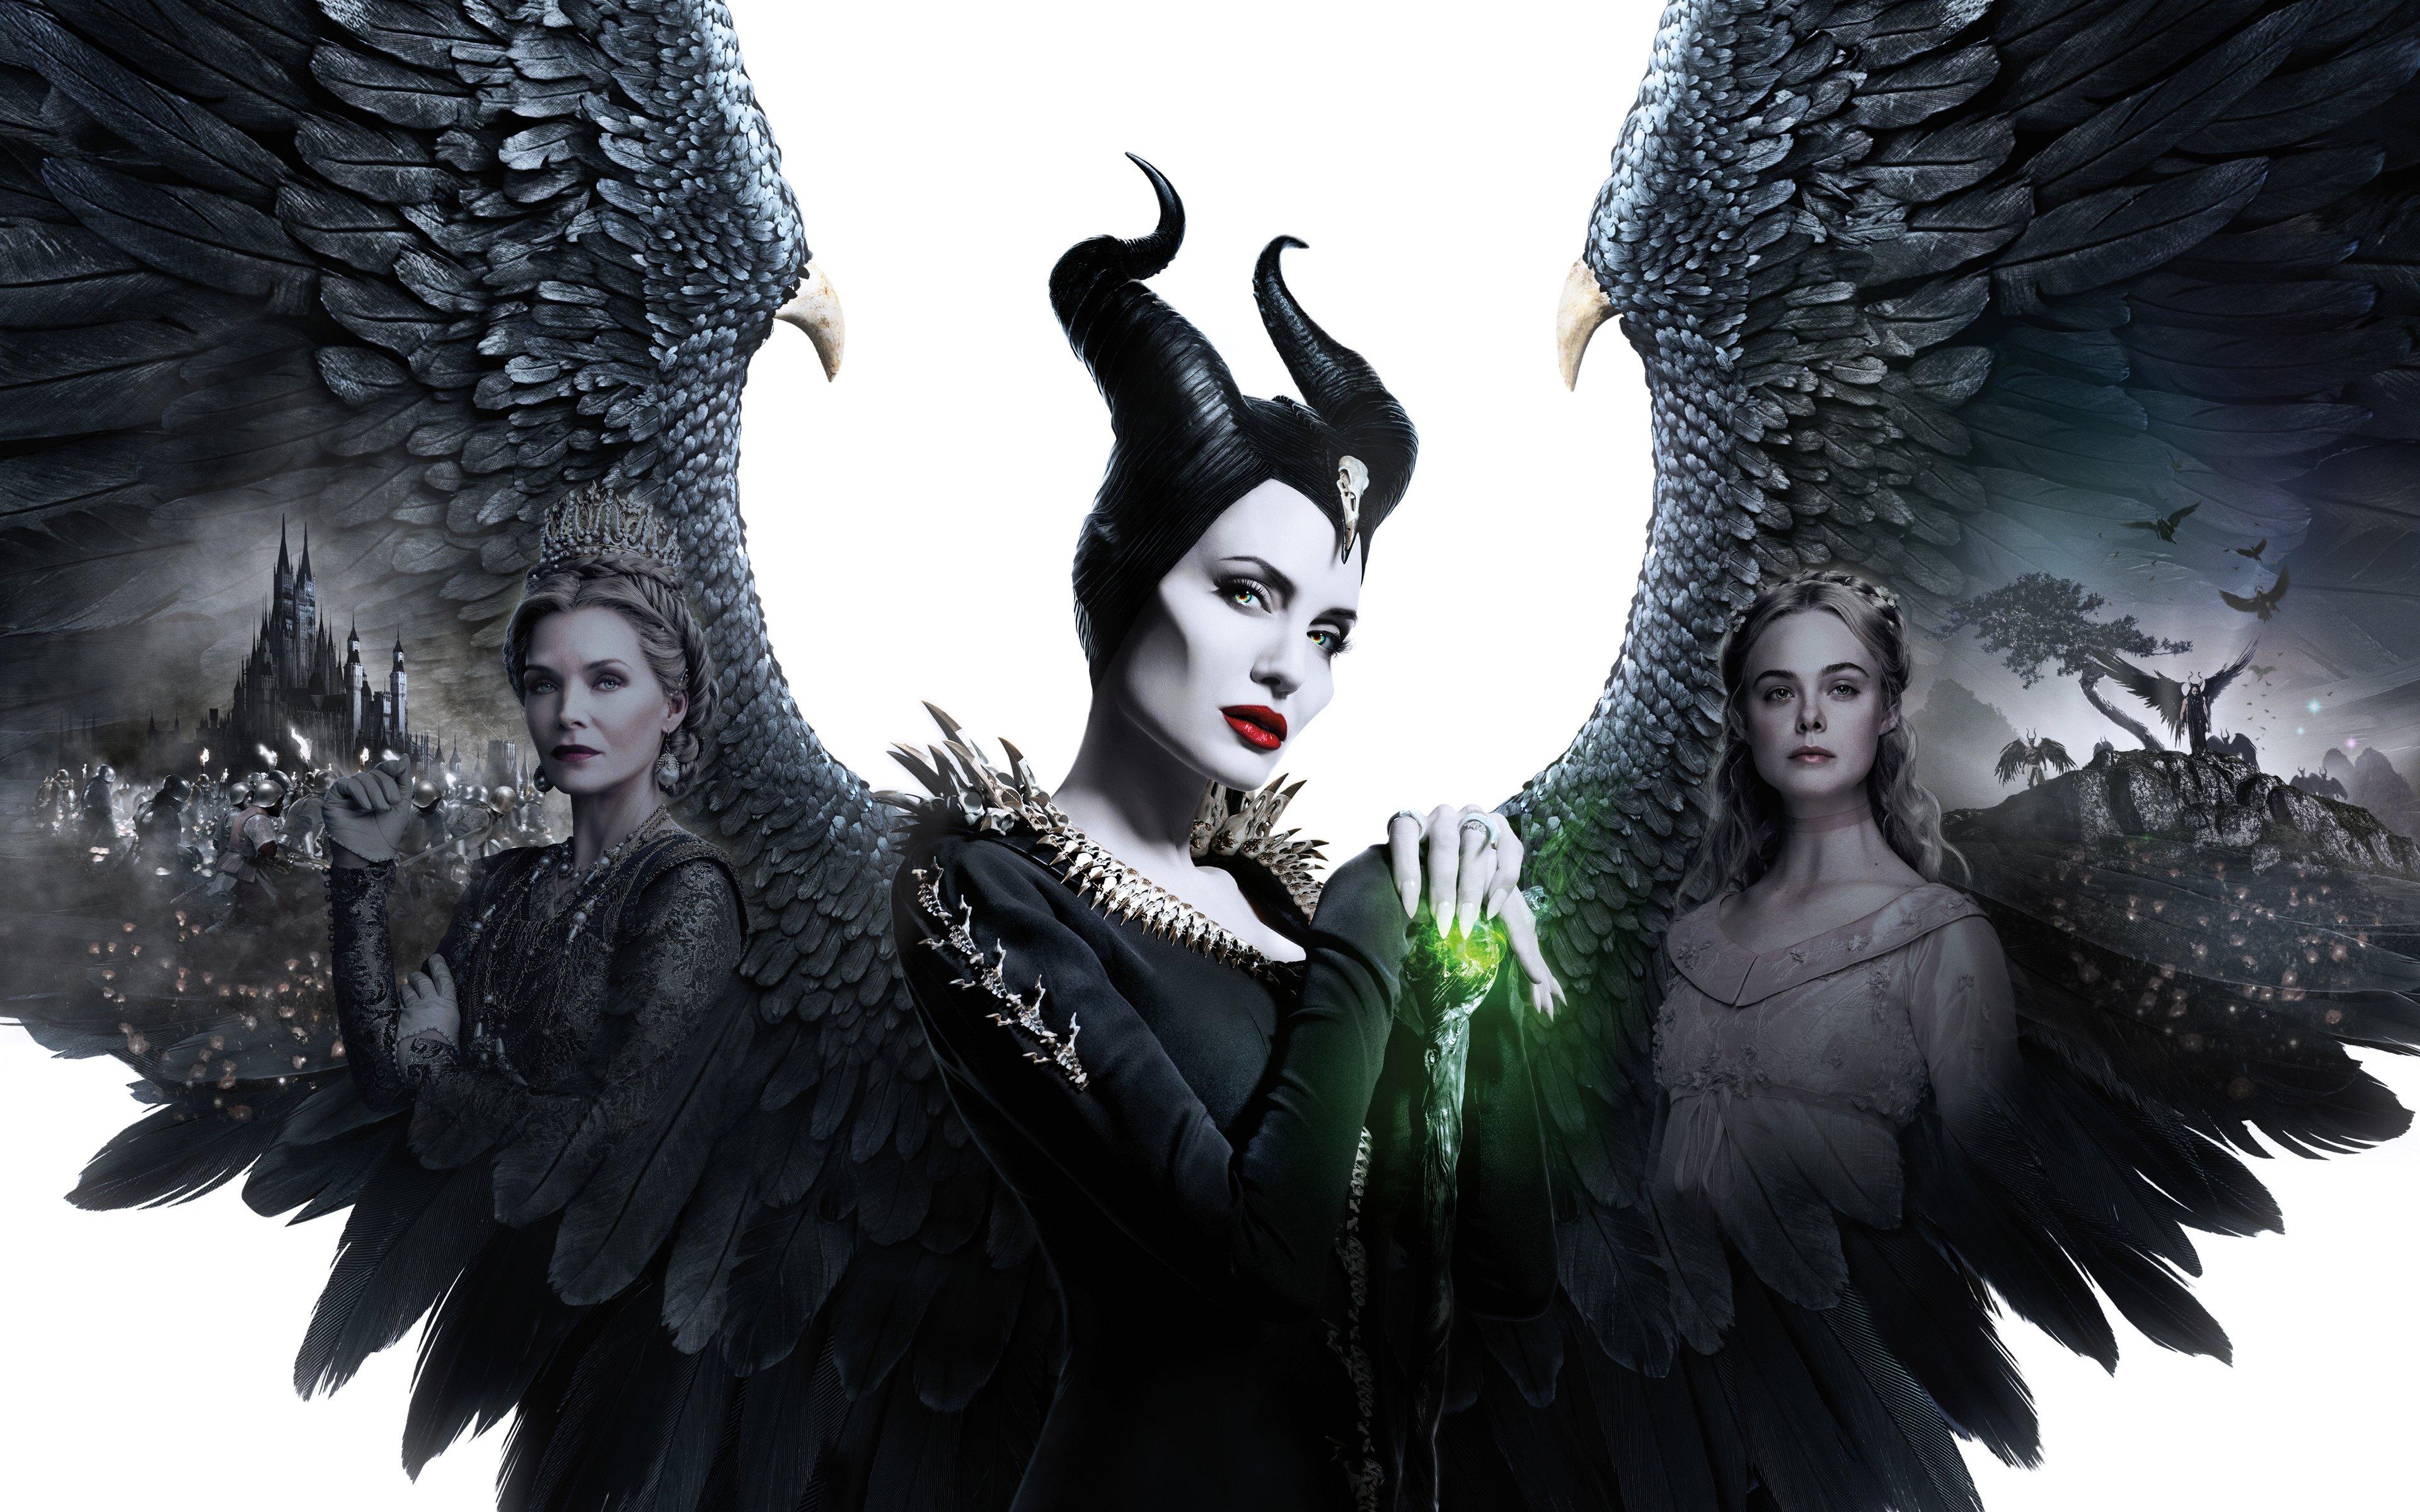 Maleficent Mistress Of Evil Wallpaper 4k Ultra Hd Id 3854